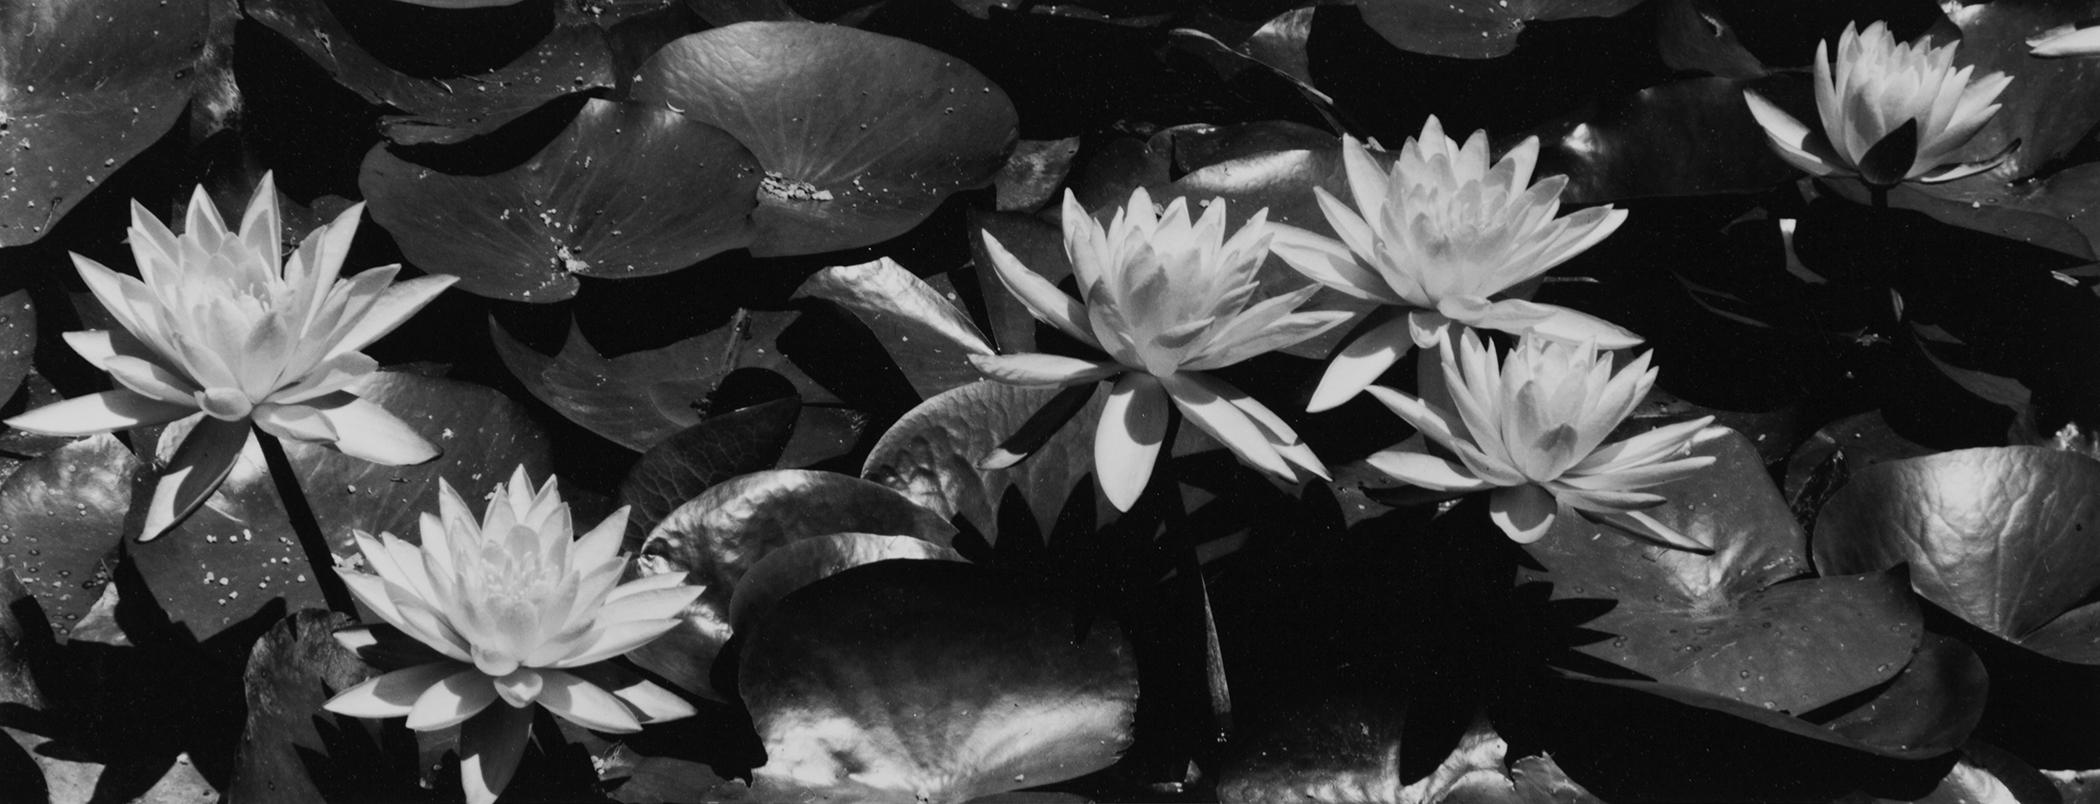 Lilies #6, Pasadena, CA, 2015.jpg